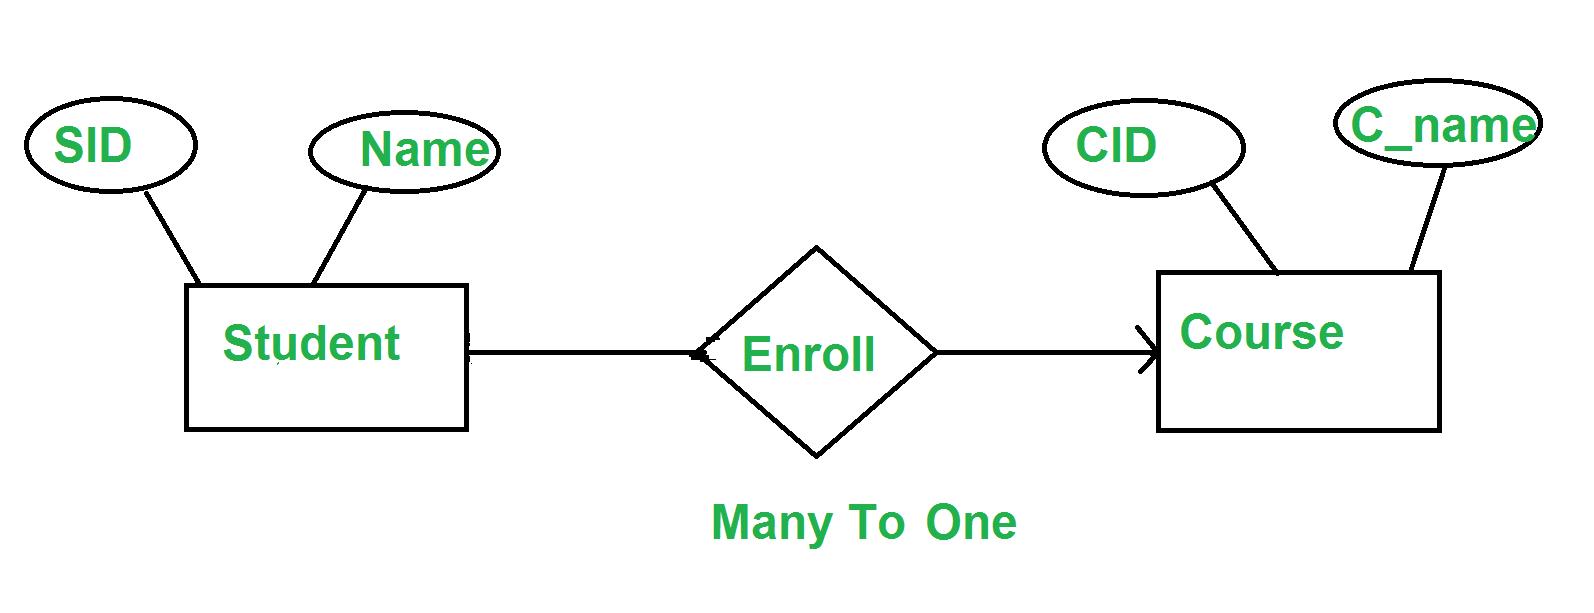 Minimization Of Er Diagrams - Geeksforgeeks throughout 1 To 1 Er Diagram